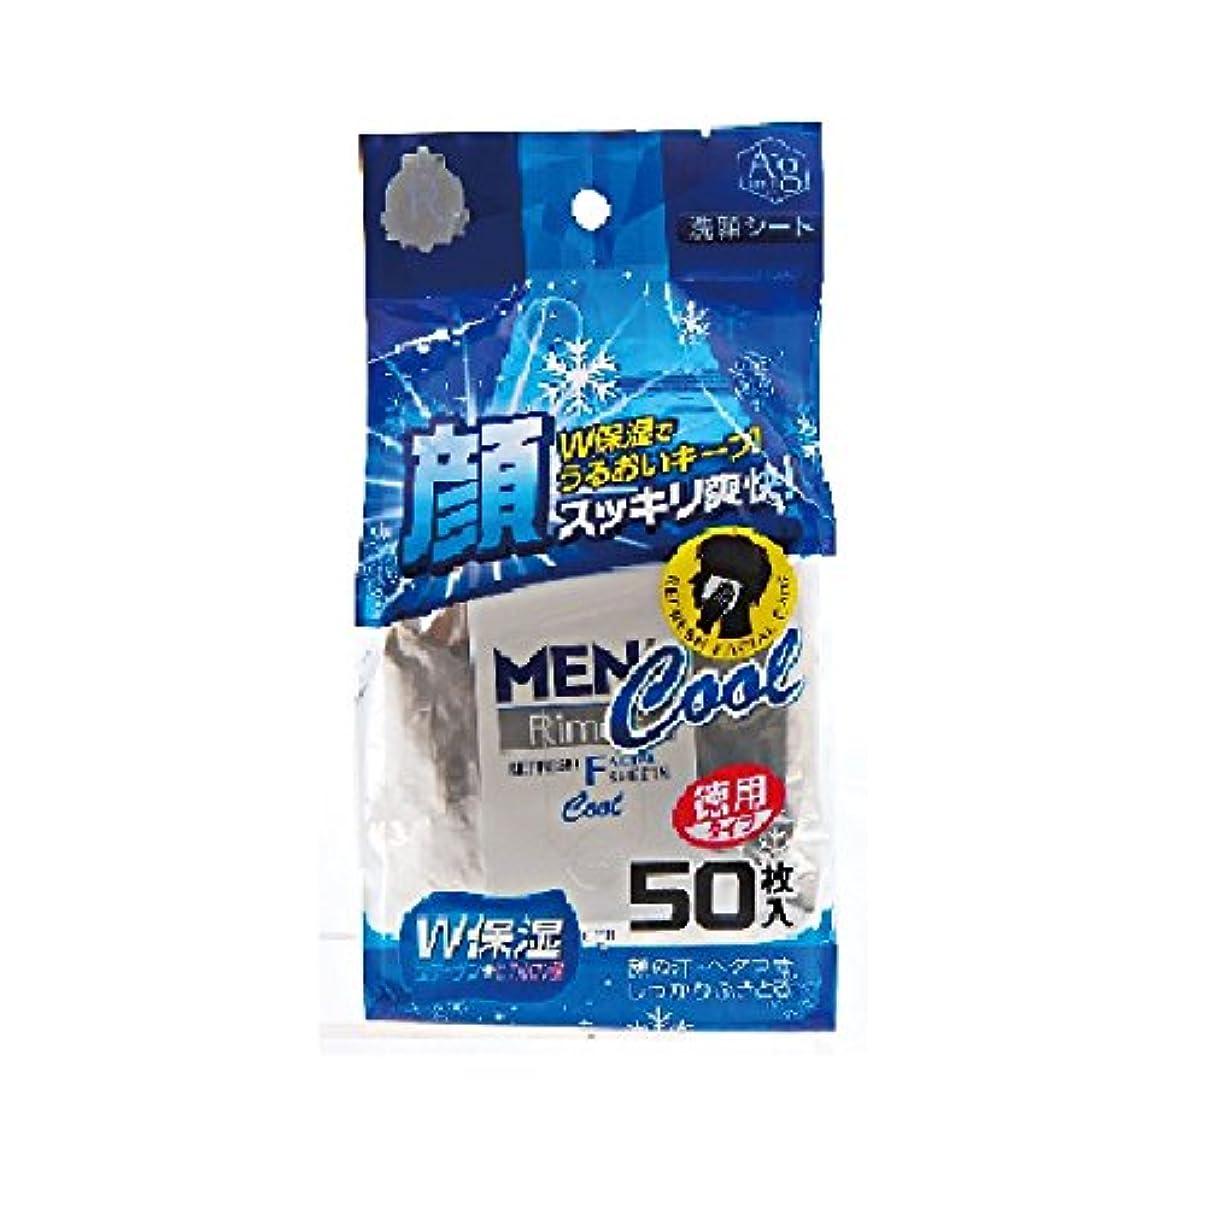 Rimos メンズ洗顔シート クール 50枚